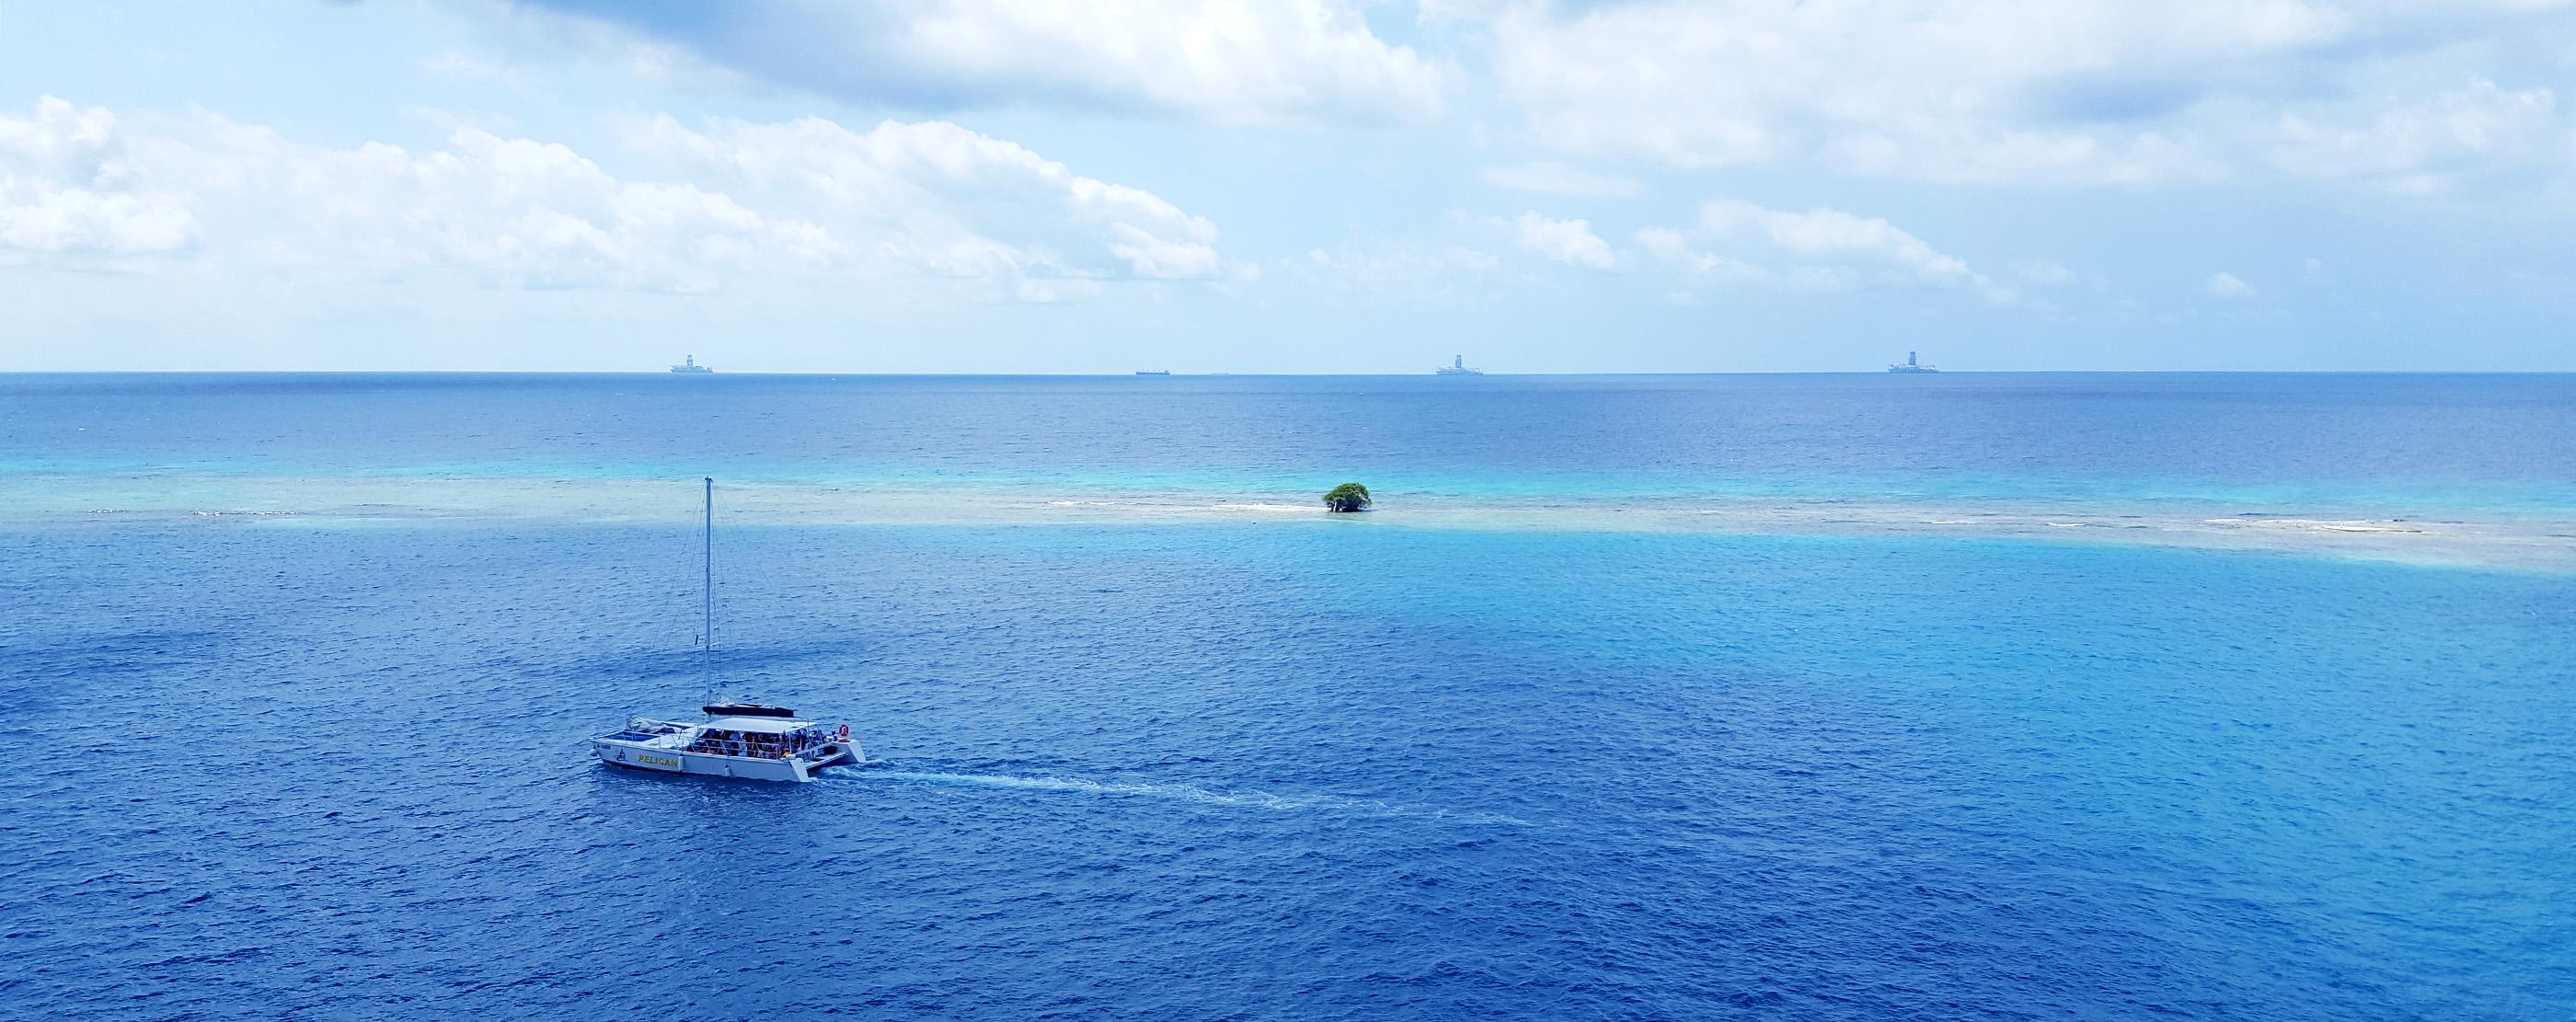 Aruba Mein Schiff 5 Ausblick